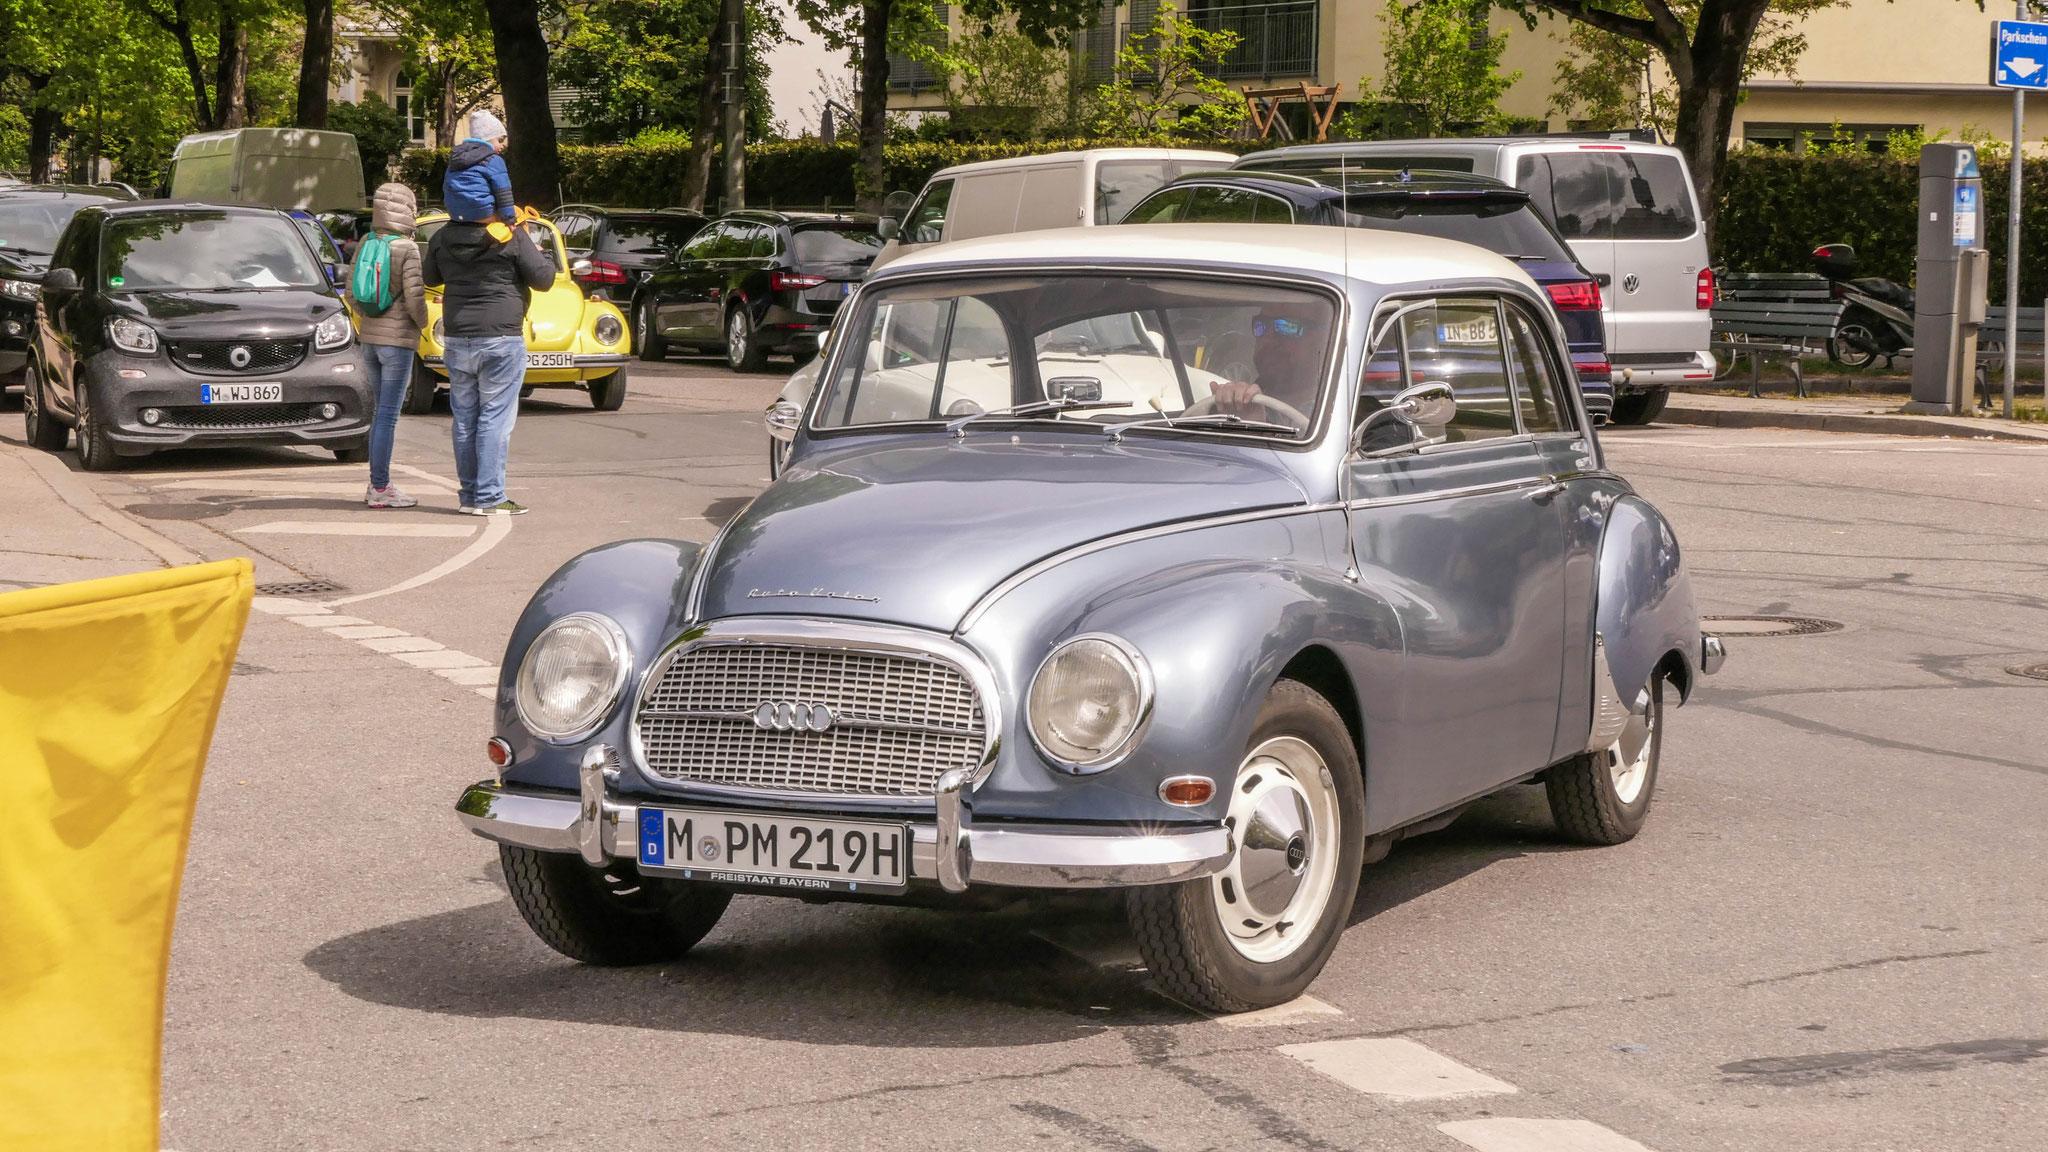 Audi 1000 SaxOmat - M-PM-219H